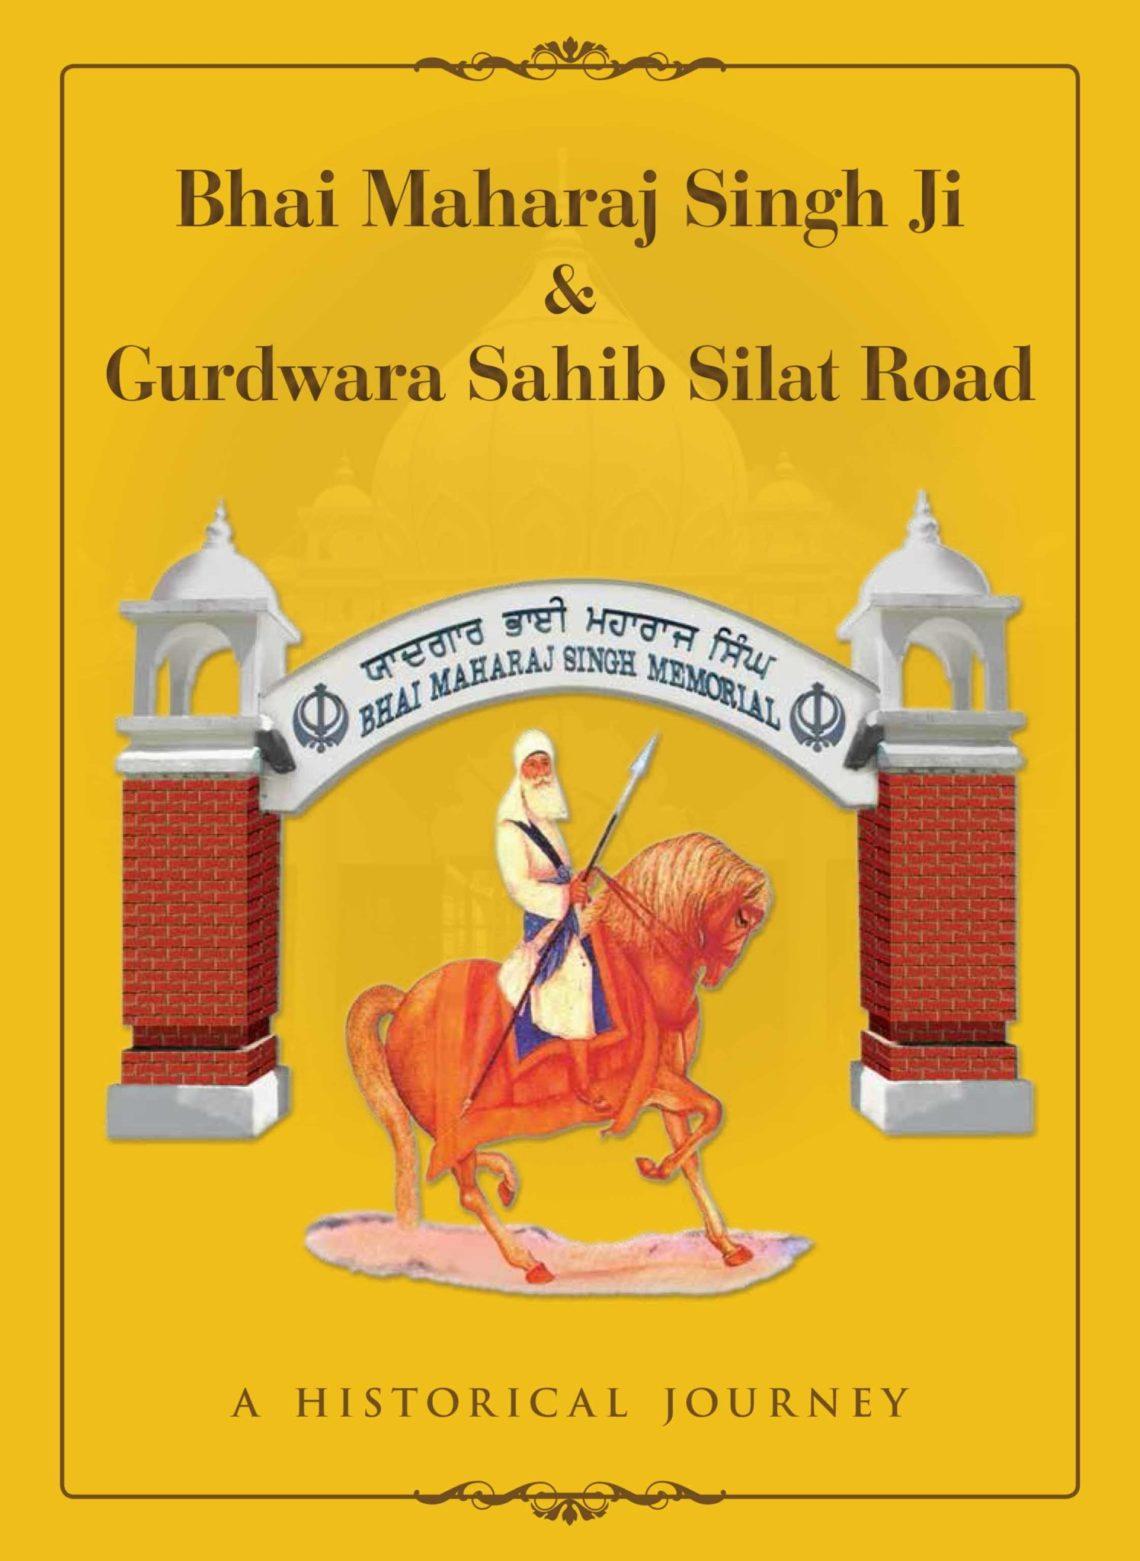 Bhai Maharaj Singh Ji & Gurdwara Sahib Silat Road - 2nd Revision-1